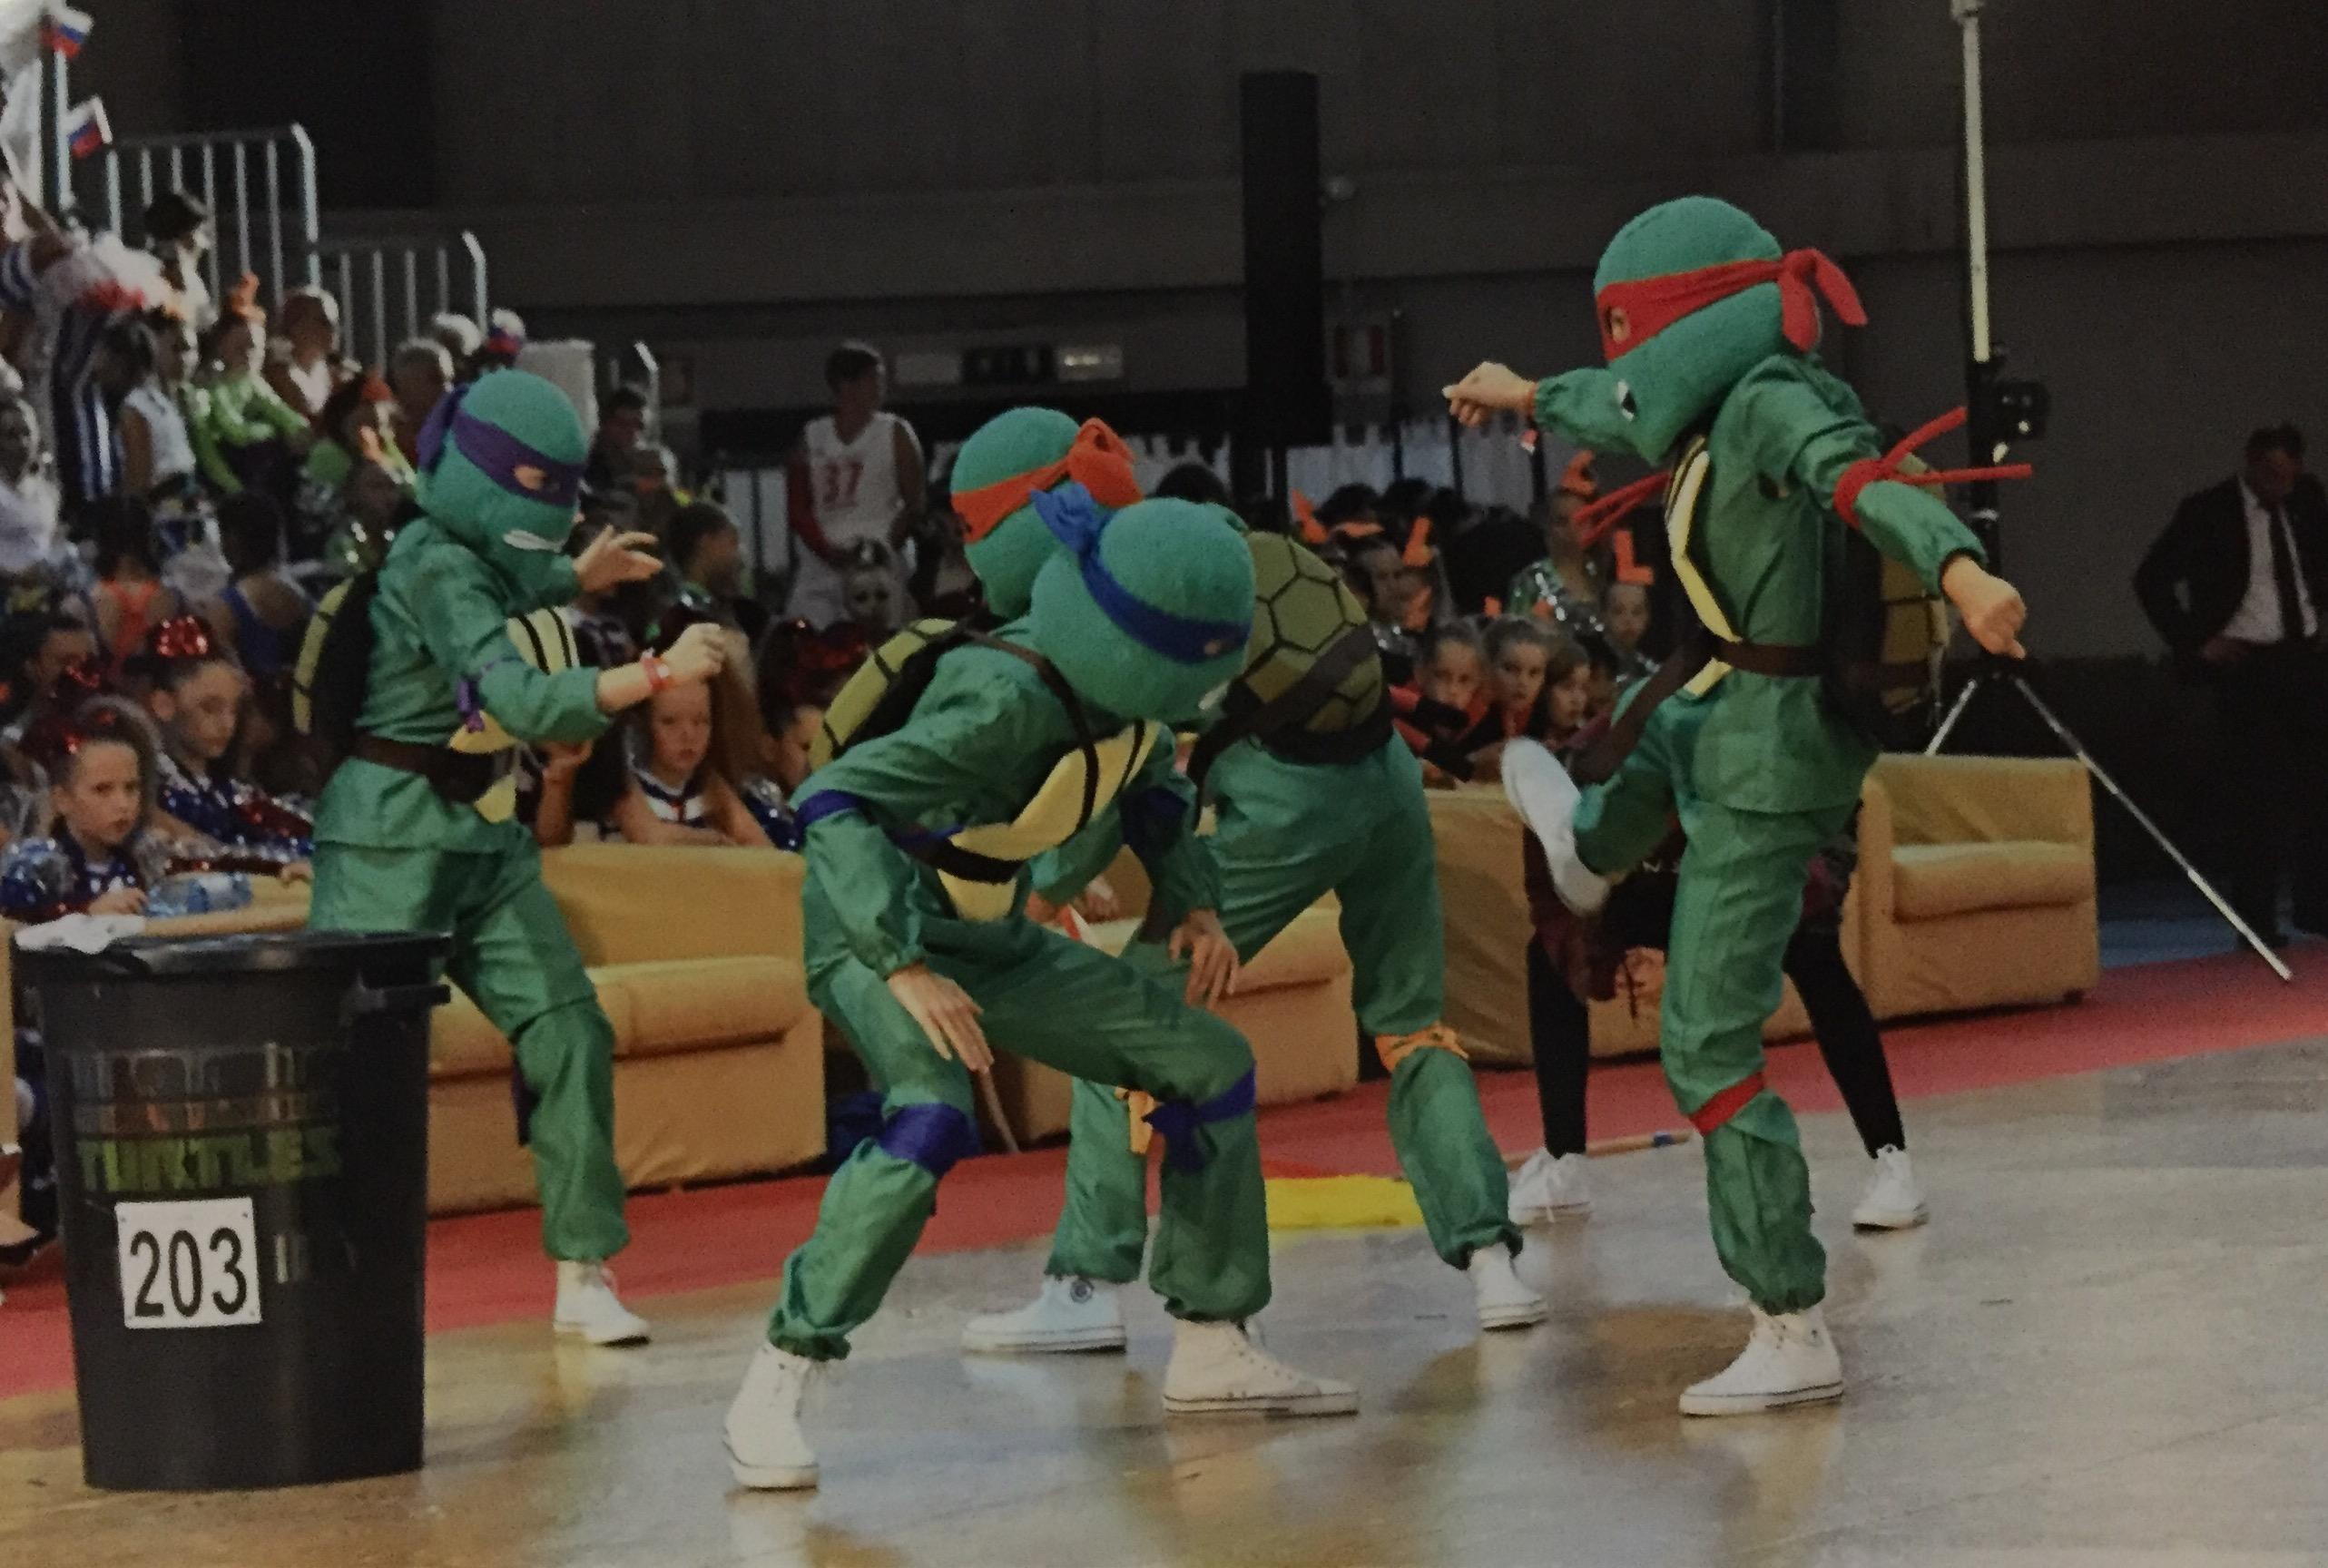 marticonewage choreografia ninja korytnačky